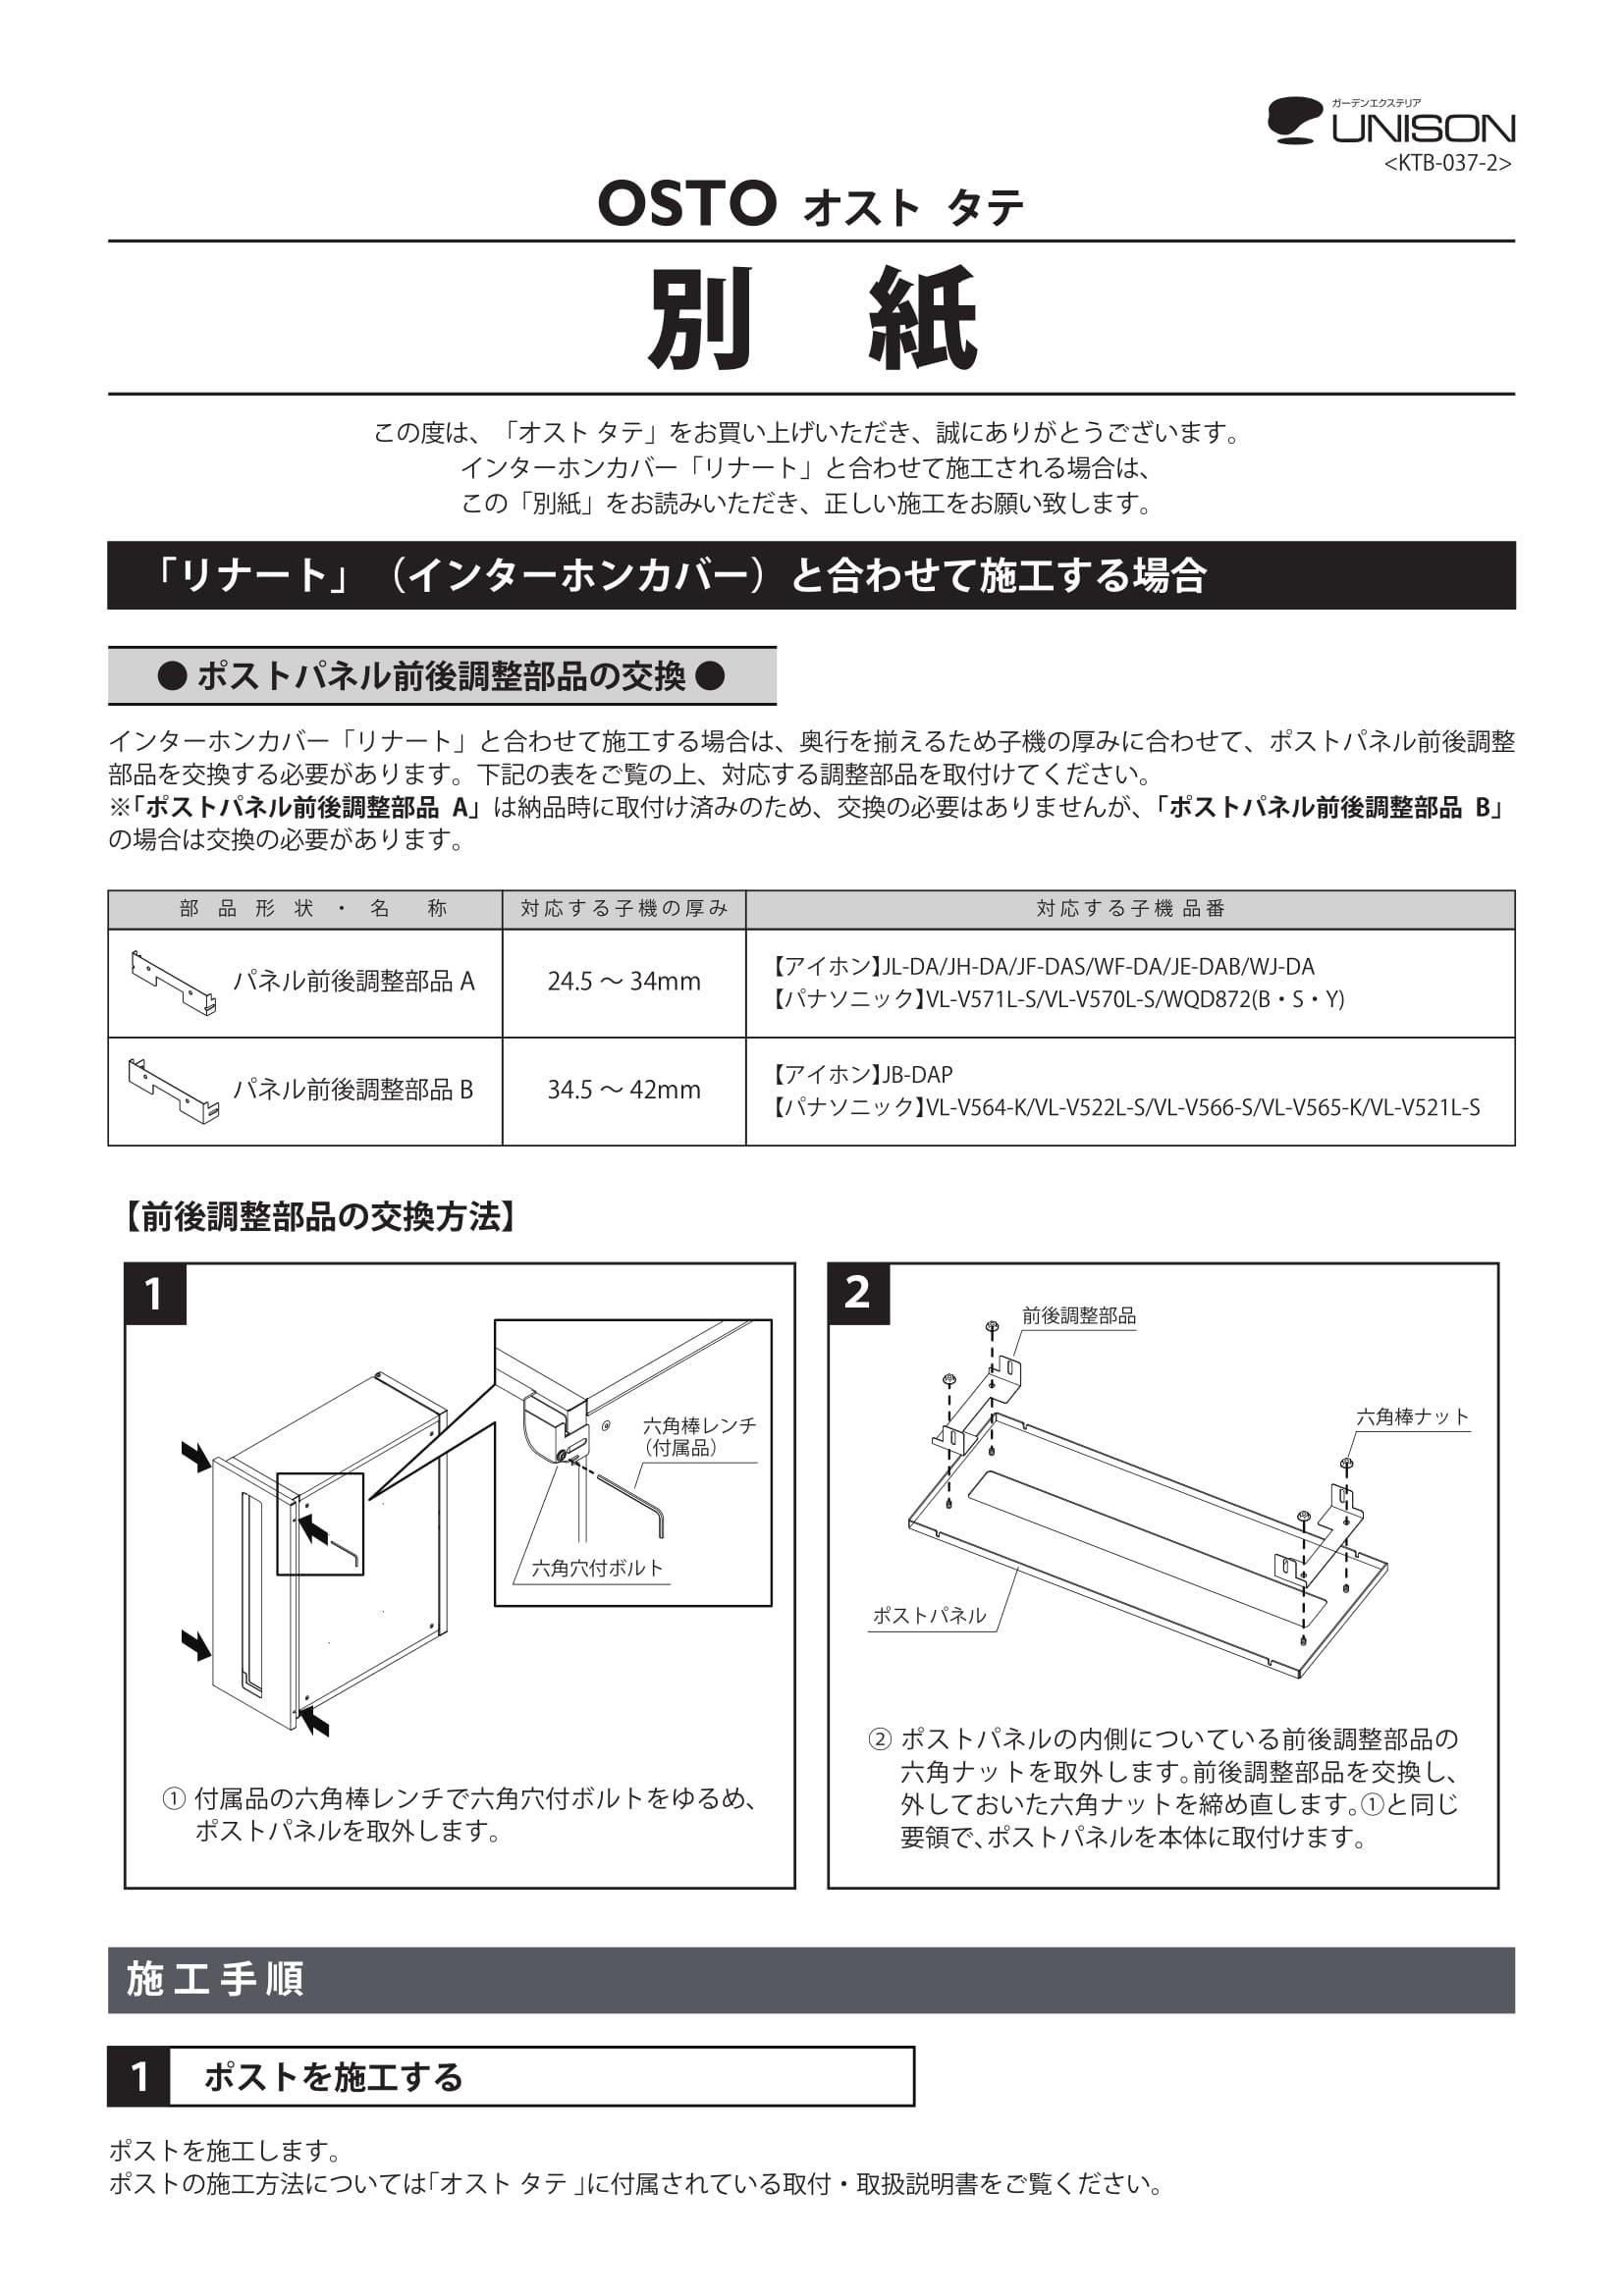 オストタテ_取扱説明書-5